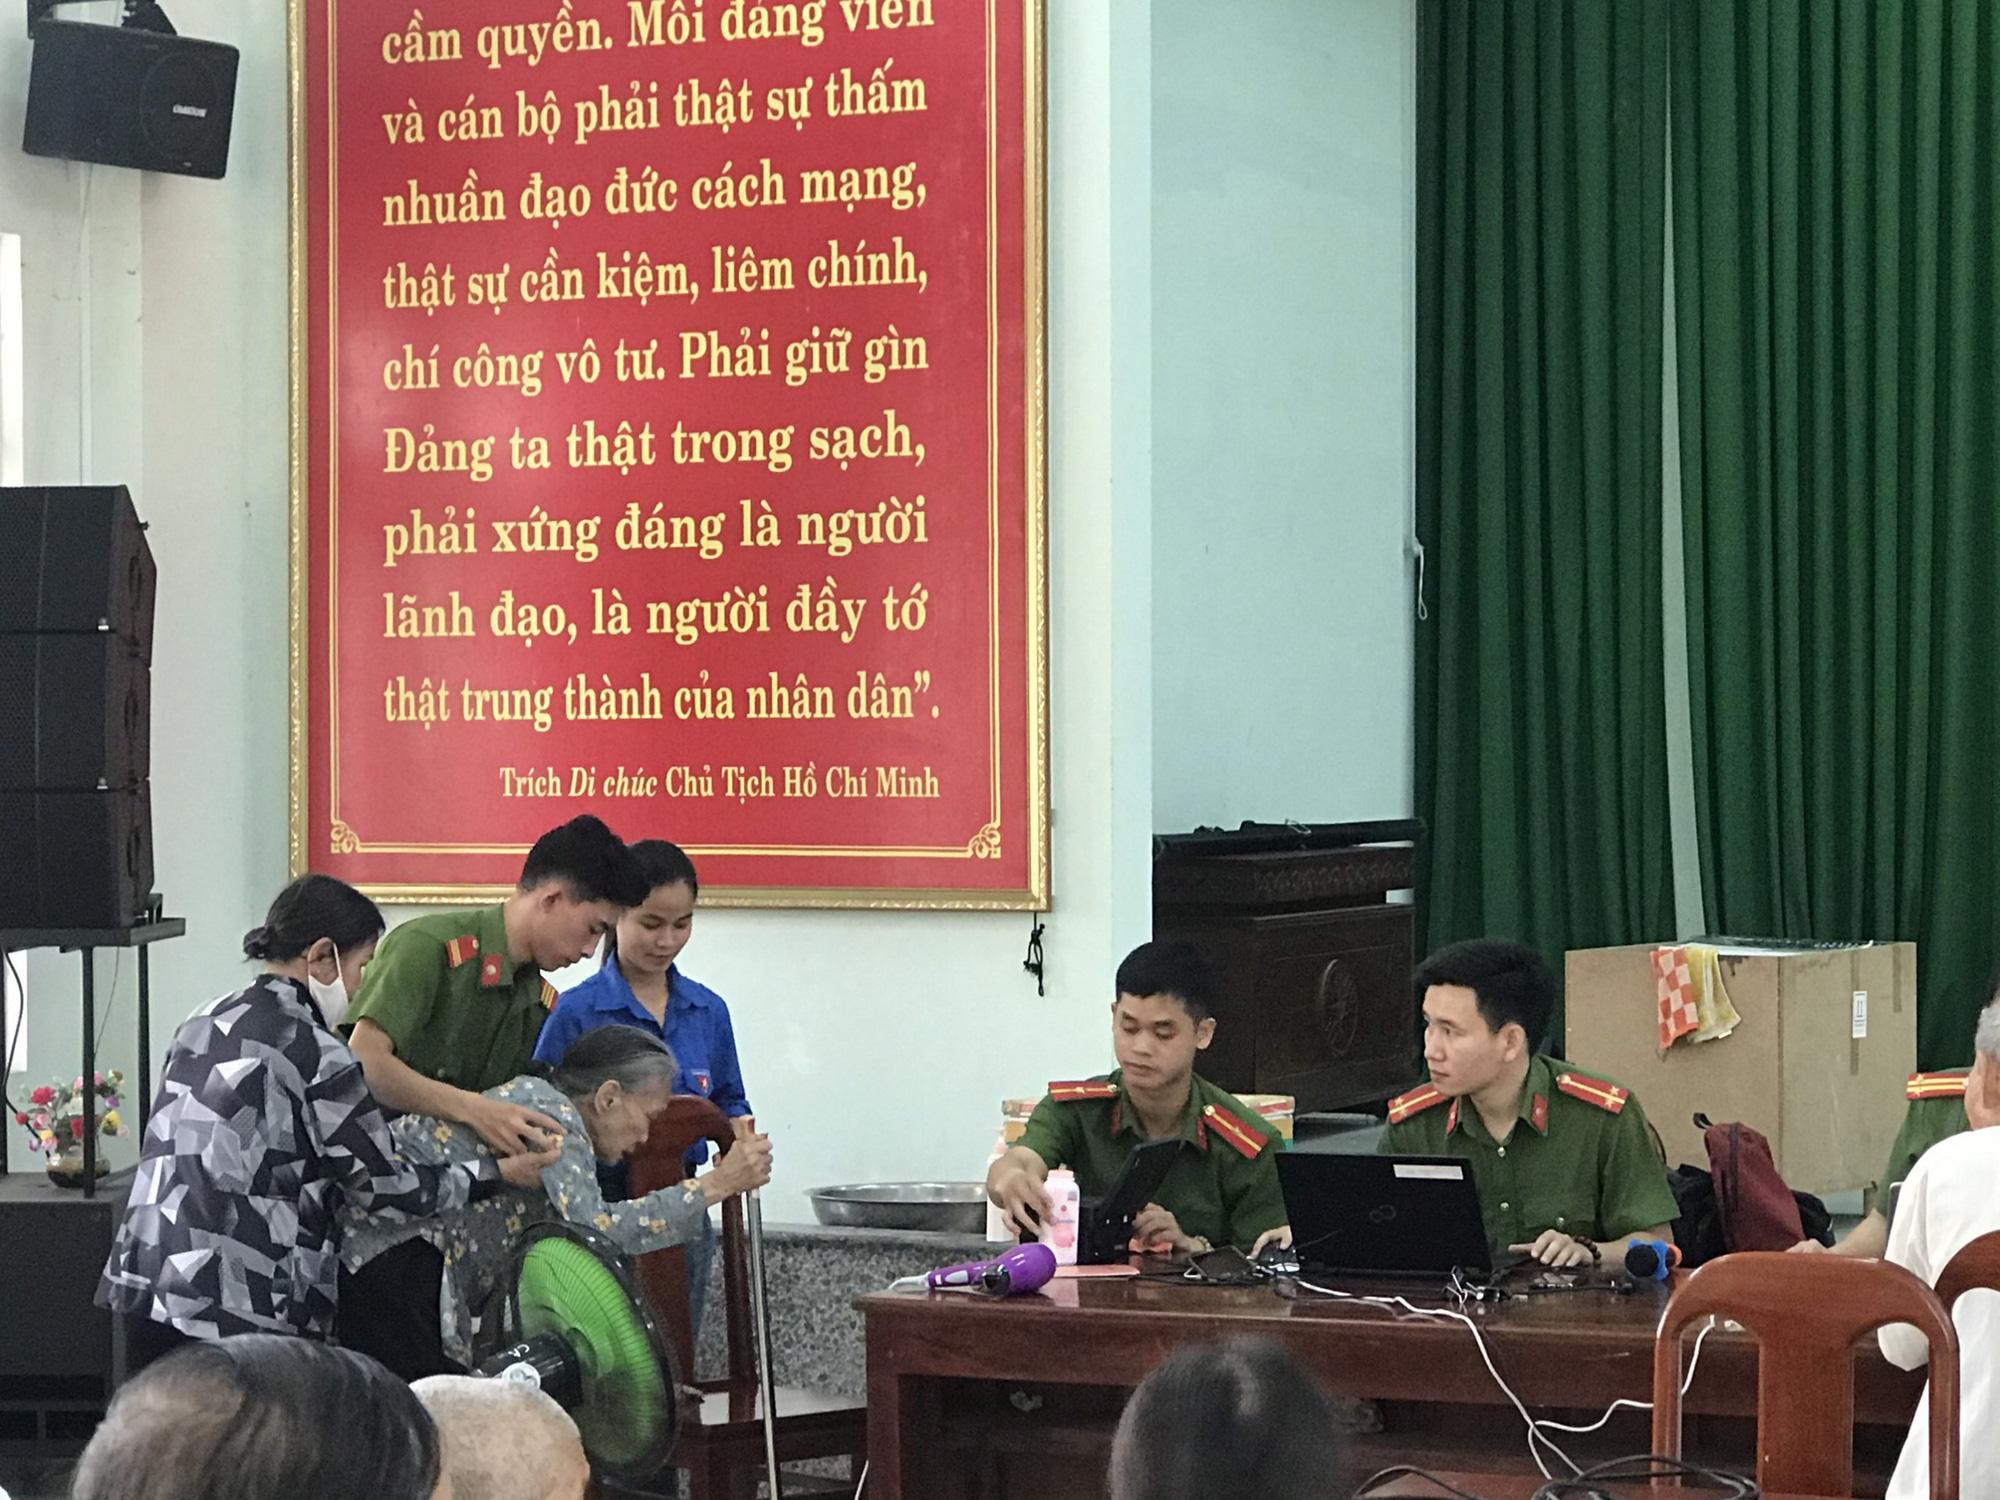 Xúc động hình ảnh các chiến sĩ công an giúp các cụ già đi làm căn cước công dân ở Huế - Ảnh 7.